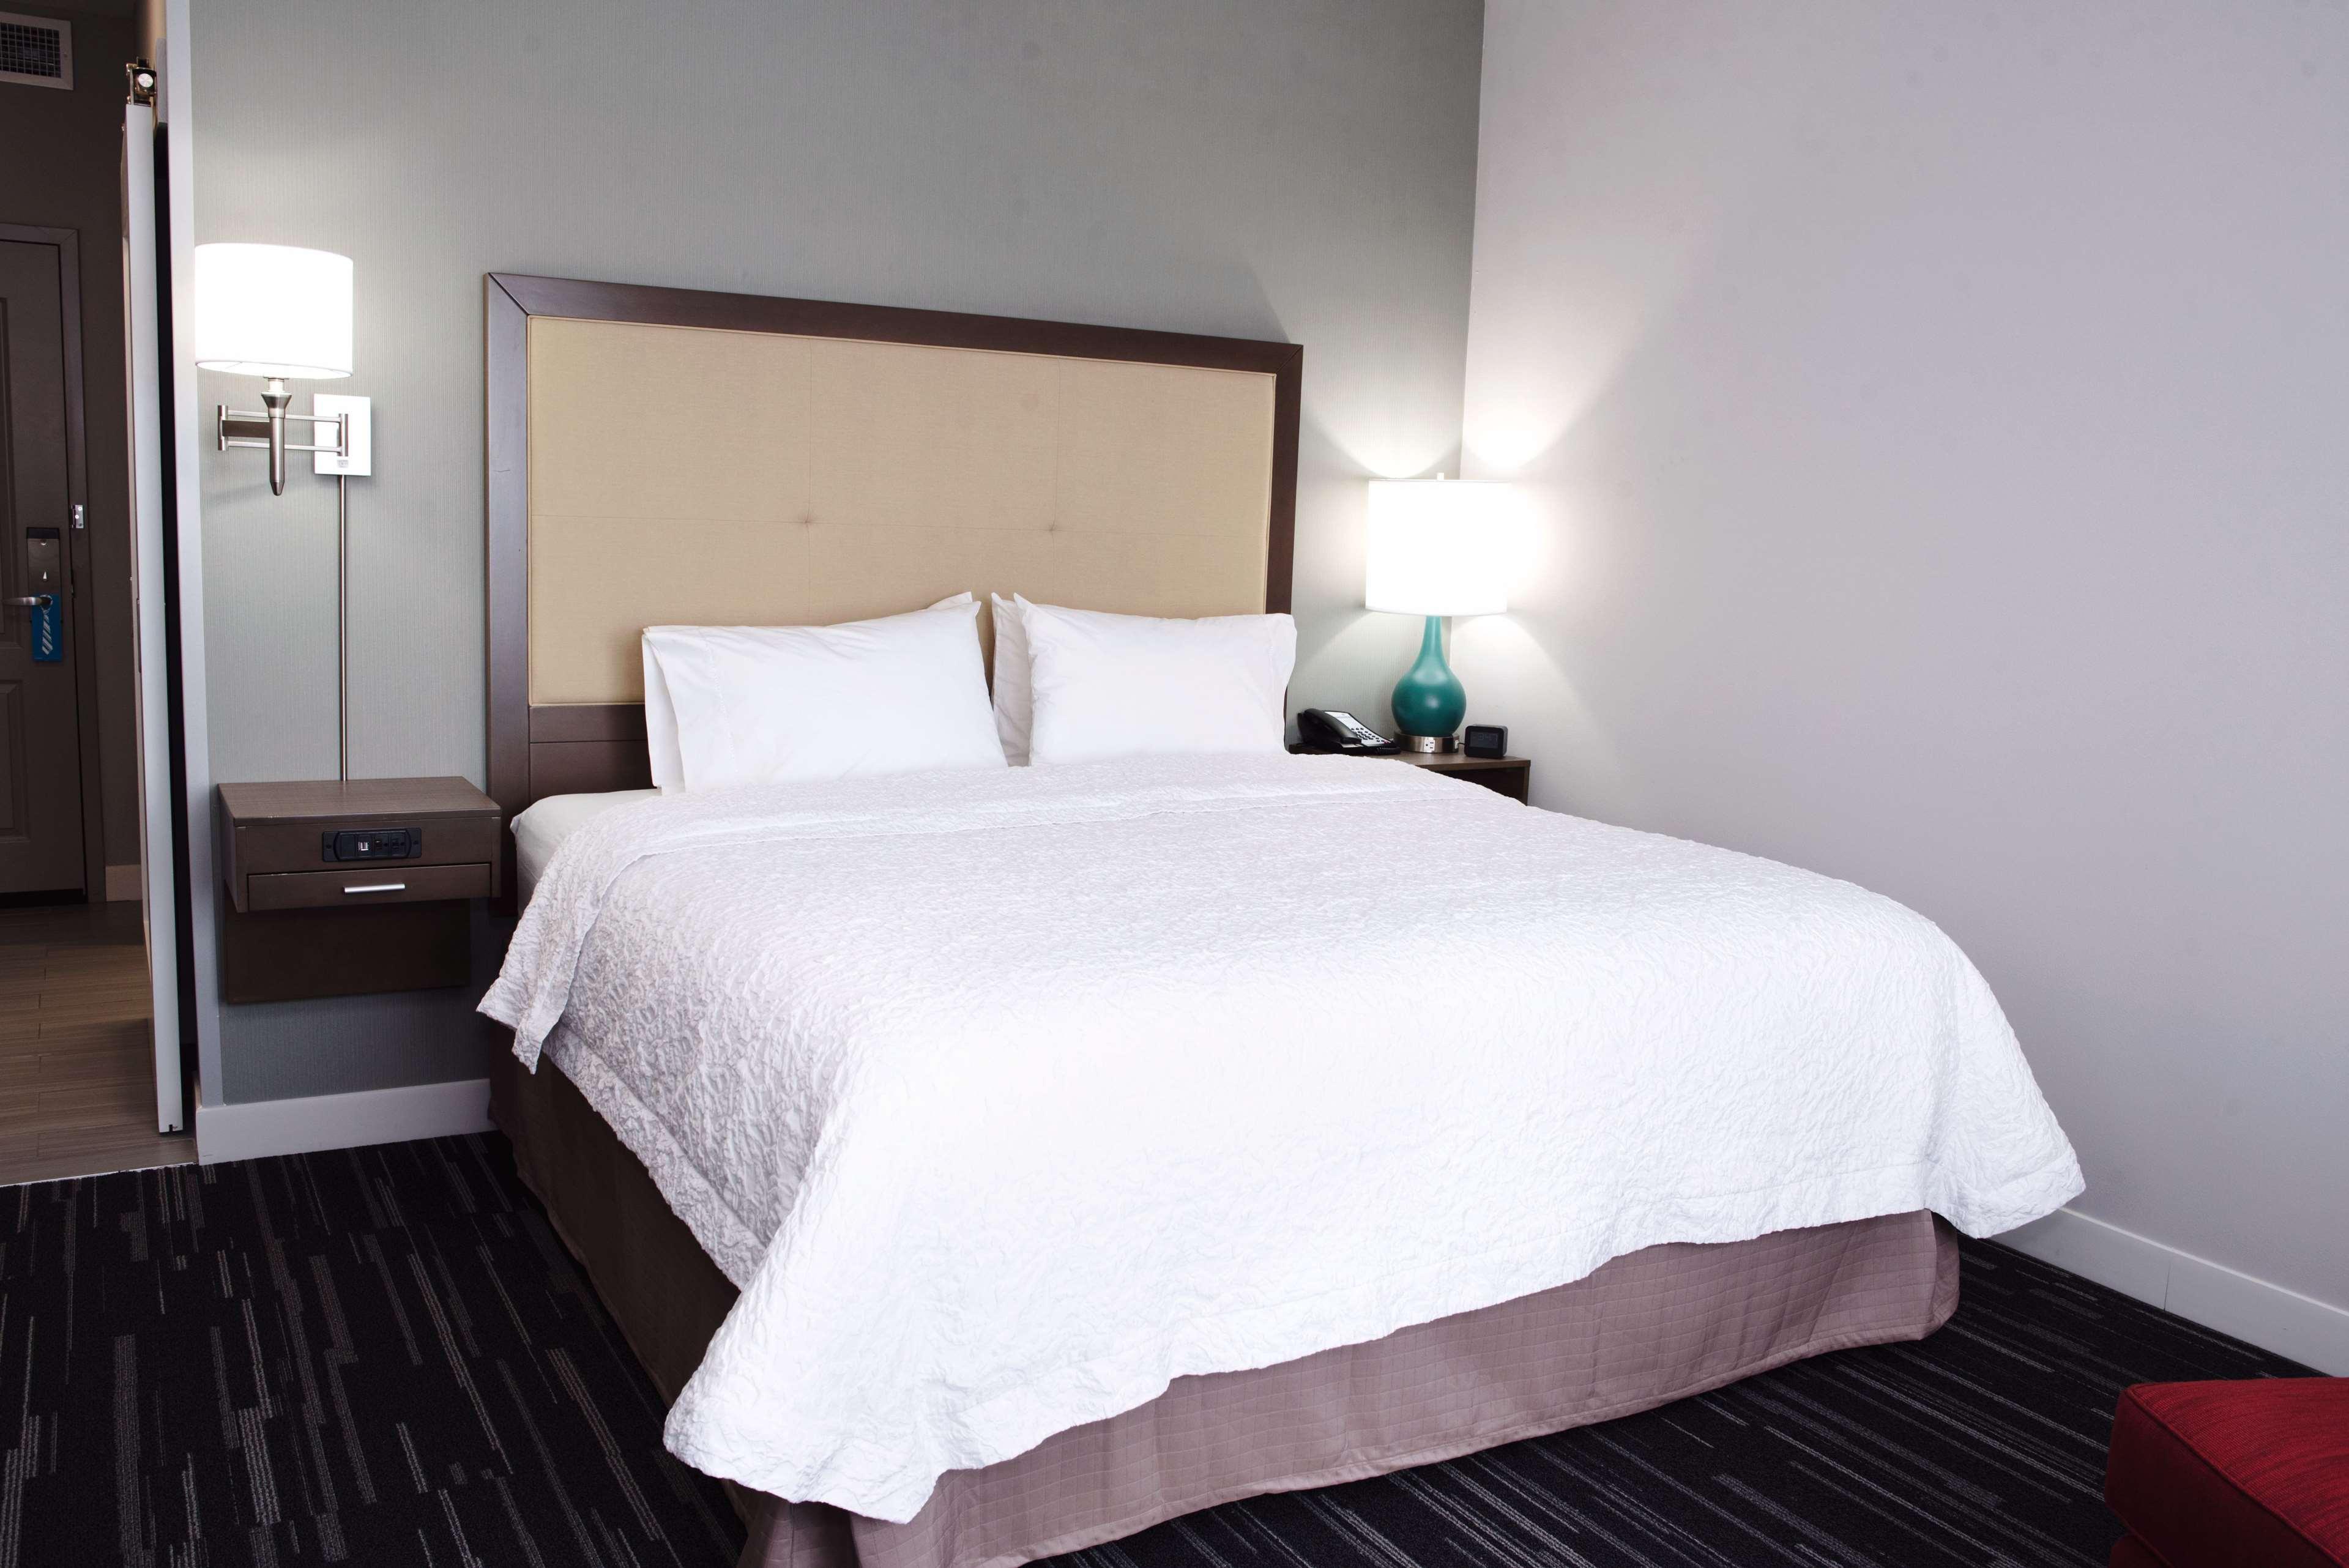 Hampton Inn & Suites Des Moines/Urbandale image 31